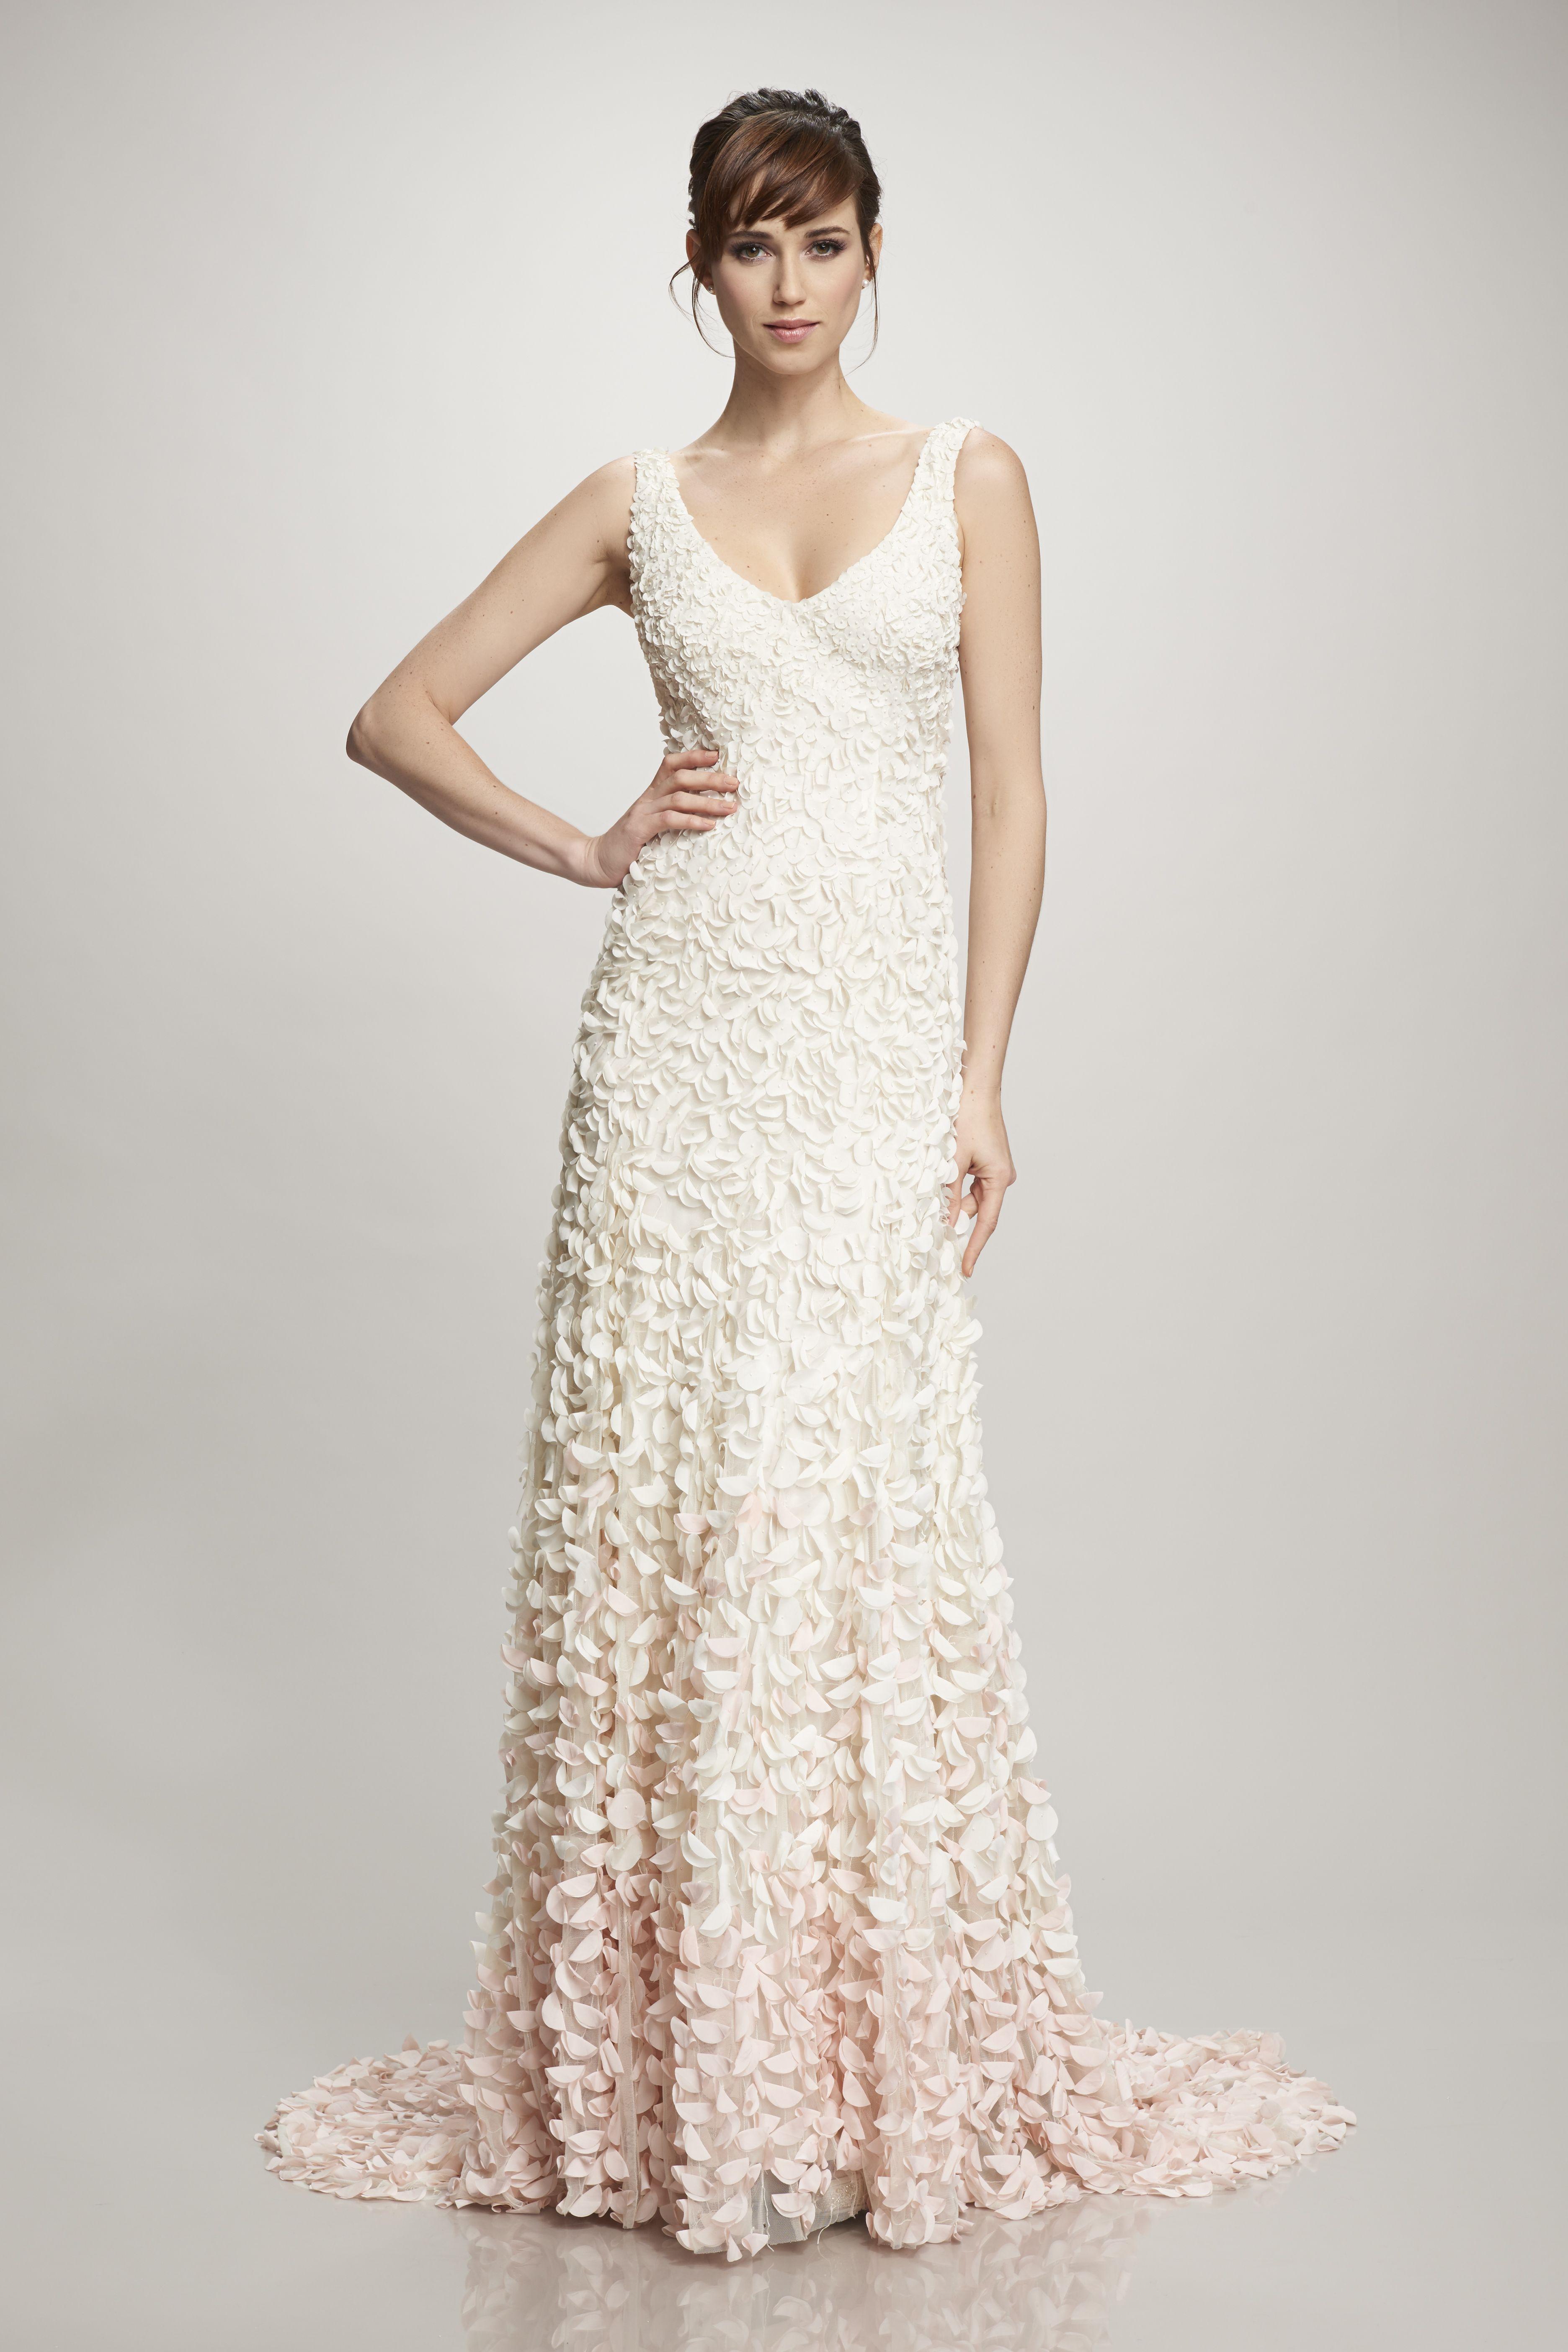 Pin by Katie Hamilton on Wedding dresses | Pinterest | Theia bridal ...